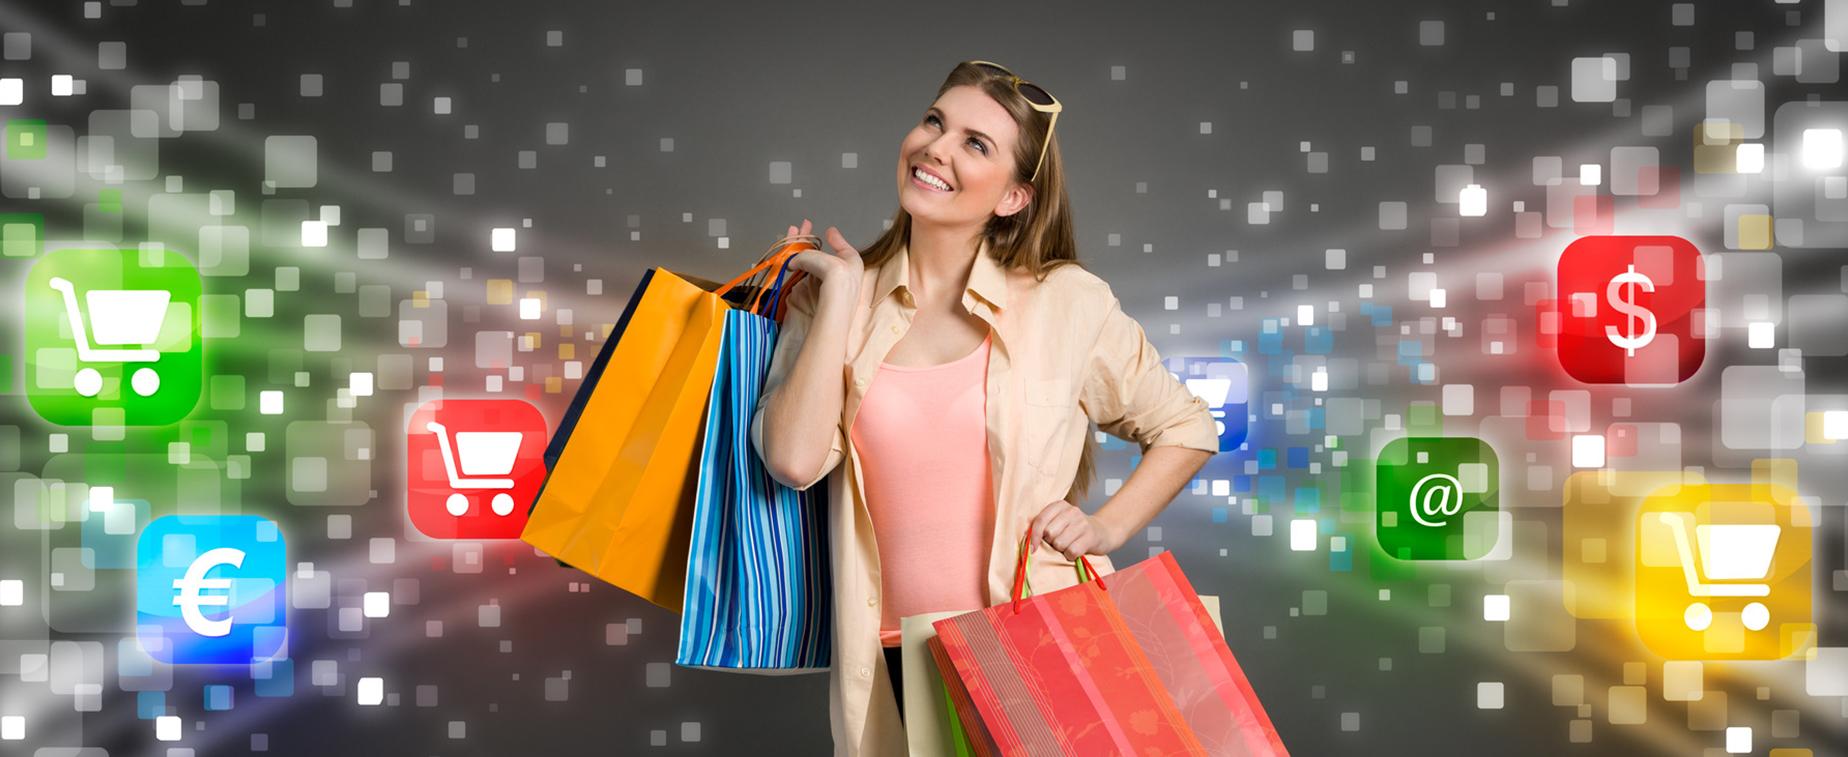 Latest Dubai E-Commerce